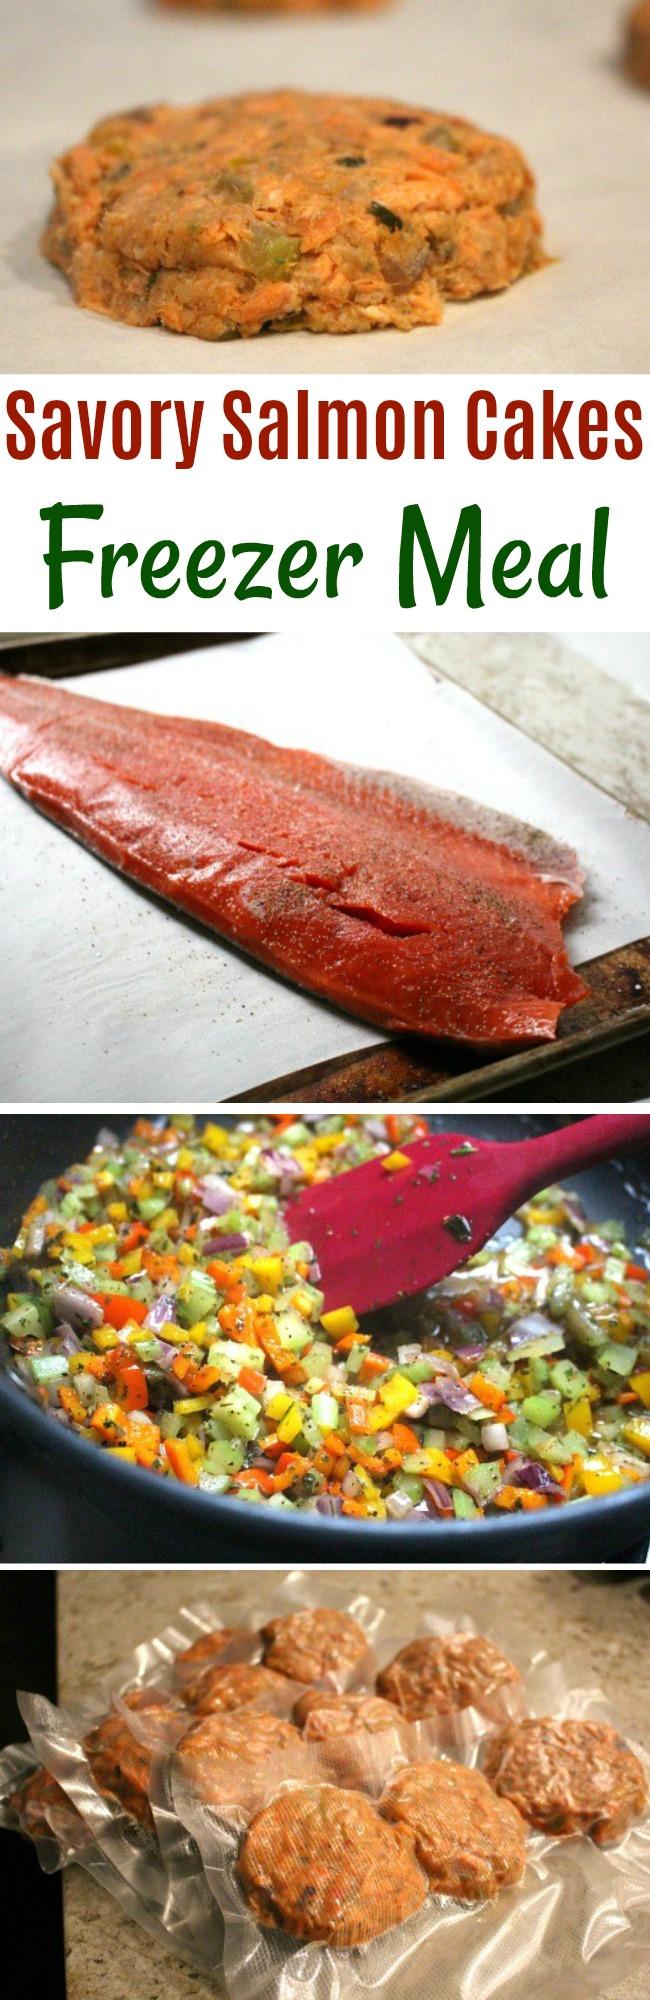 Savory Salmon Cakes